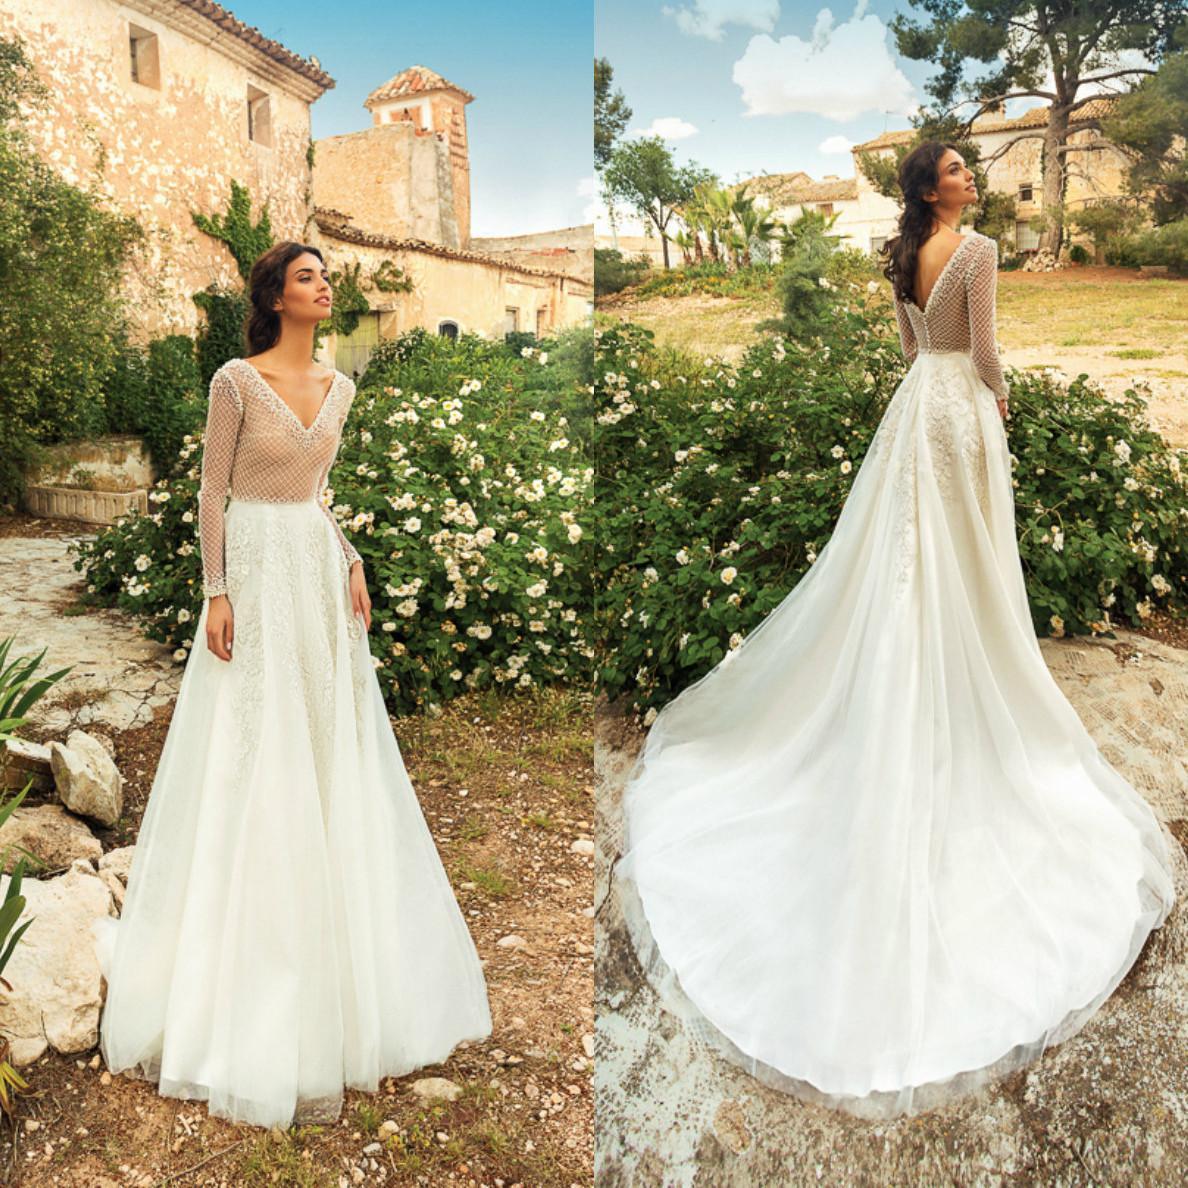 New Fashion A linha de vestidos de casamento Pescoço V manga comprida ver através Lace Applique Illusion vestidos de noiva sem encosto Trem da varredura vestido de casamento